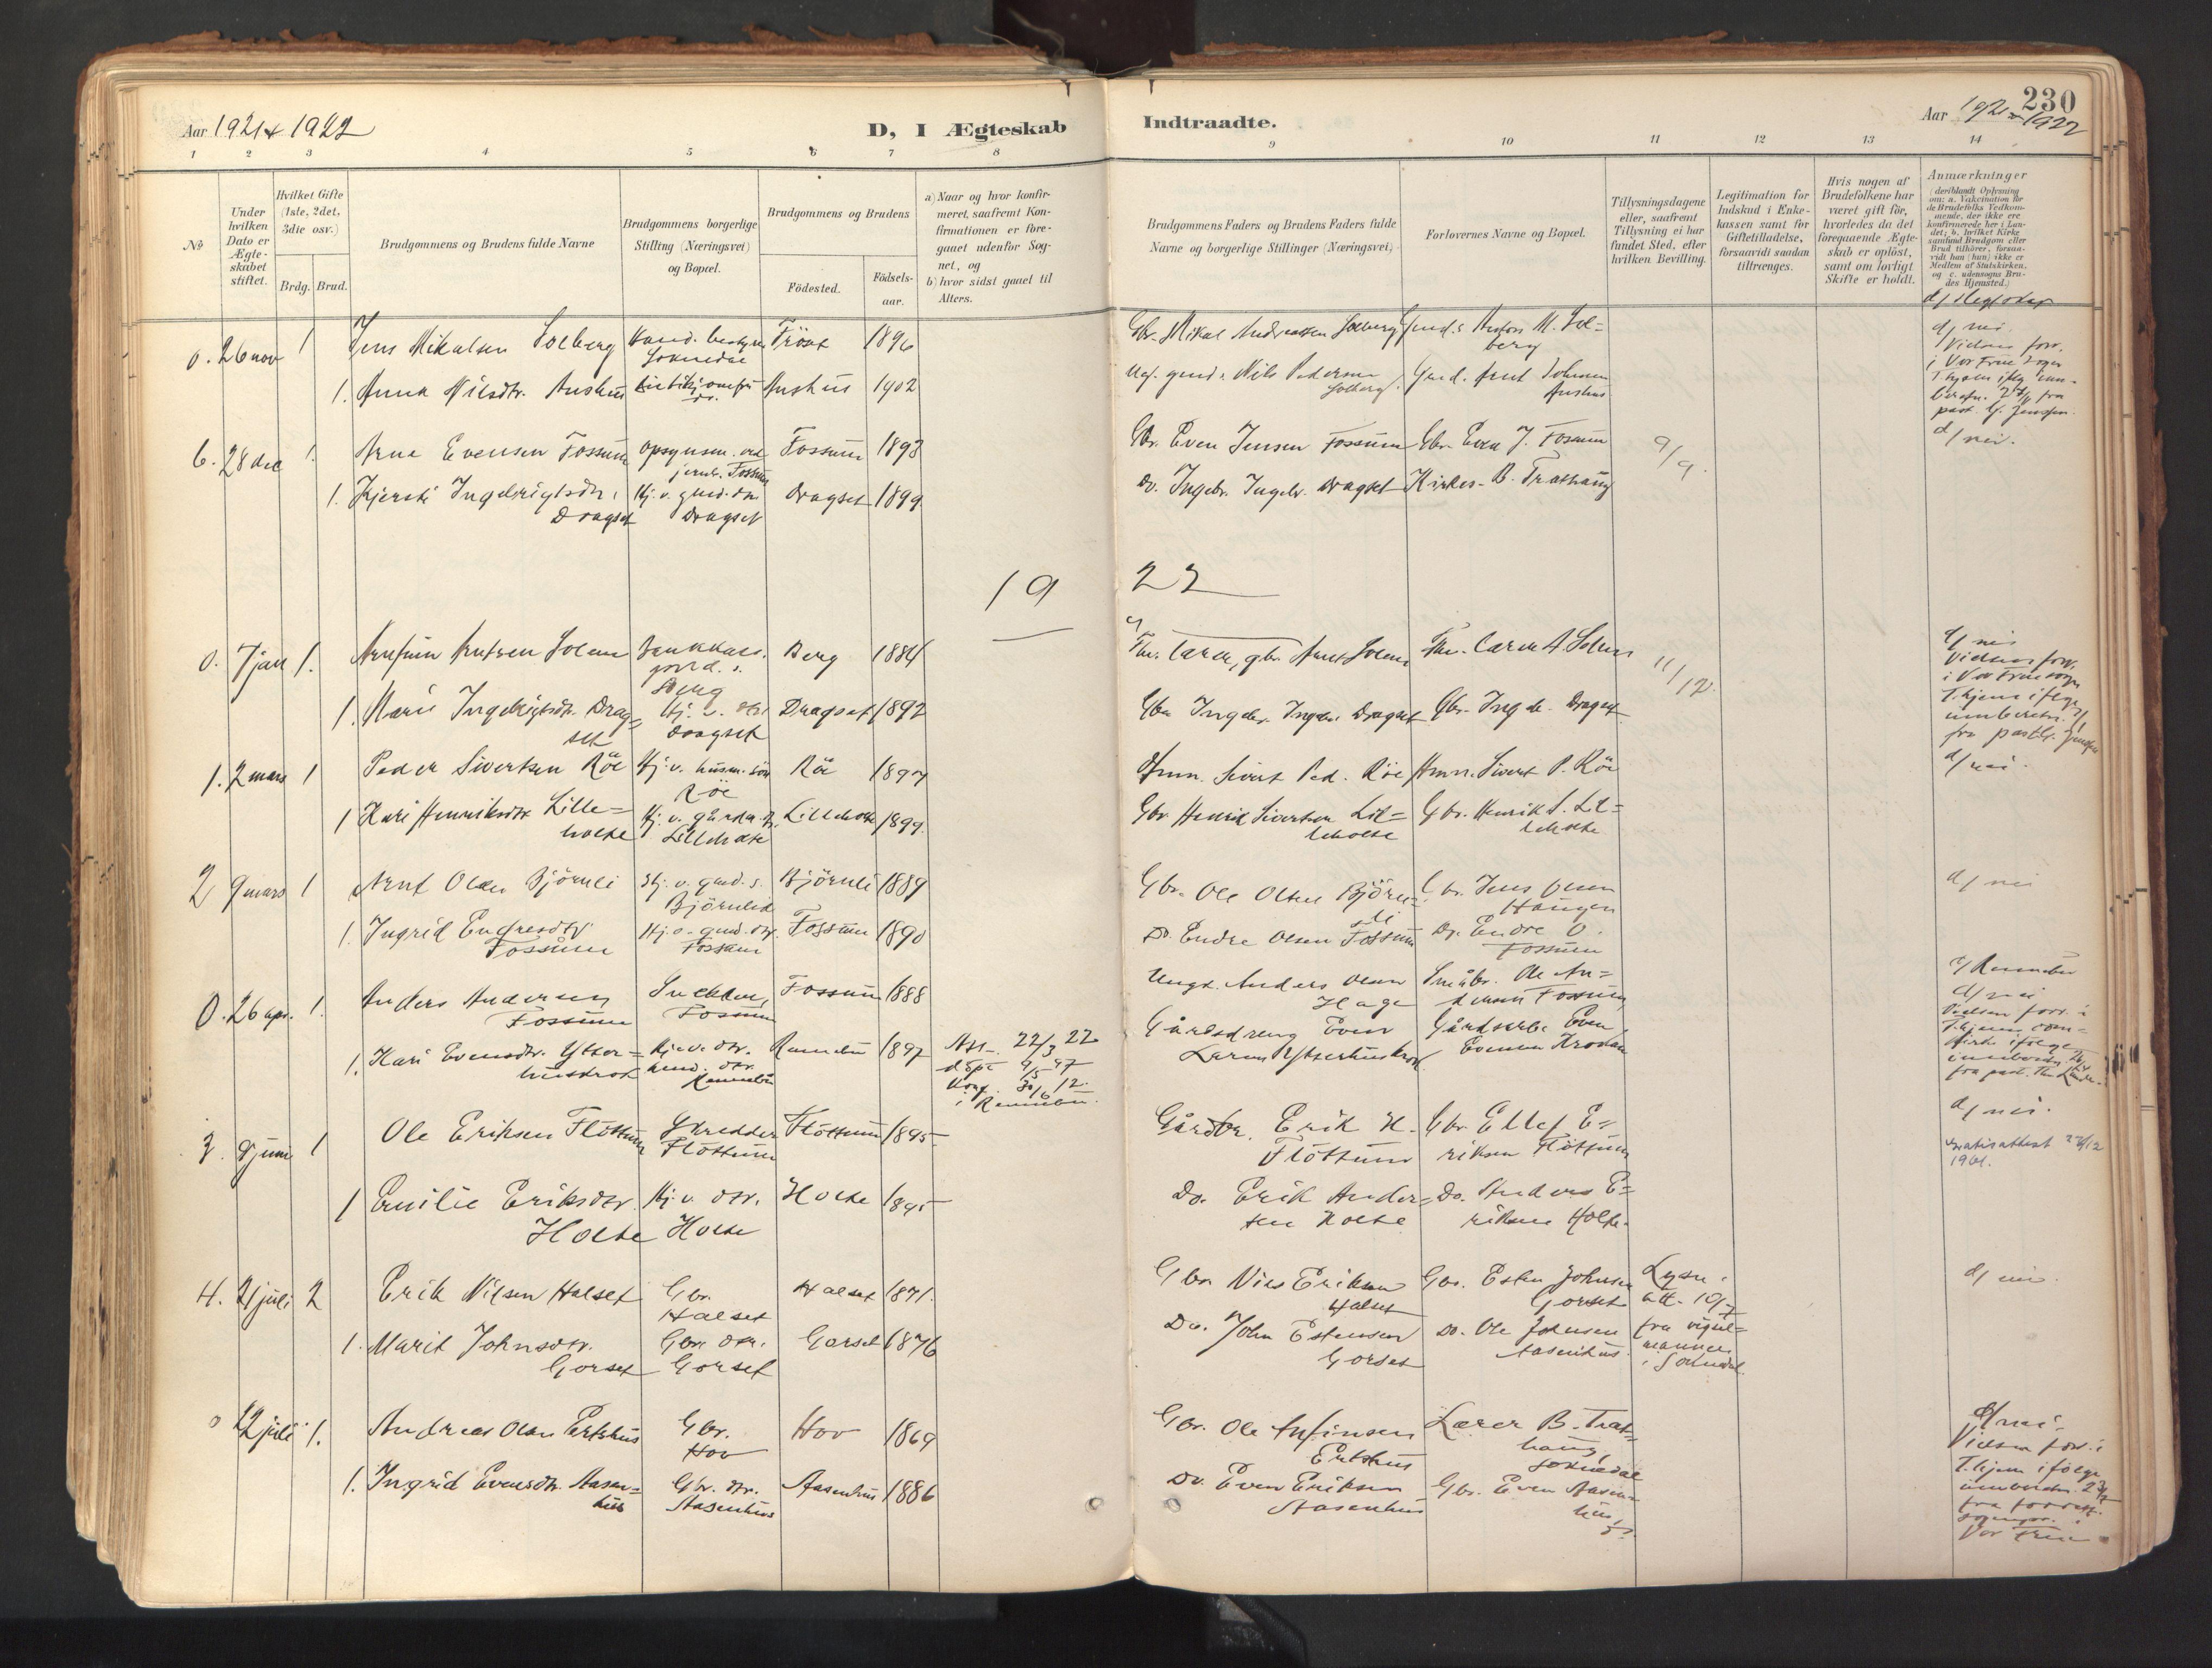 SAT, Ministerialprotokoller, klokkerbøker og fødselsregistre - Sør-Trøndelag, 689/L1041: Ministerialbok nr. 689A06, 1891-1923, s. 230